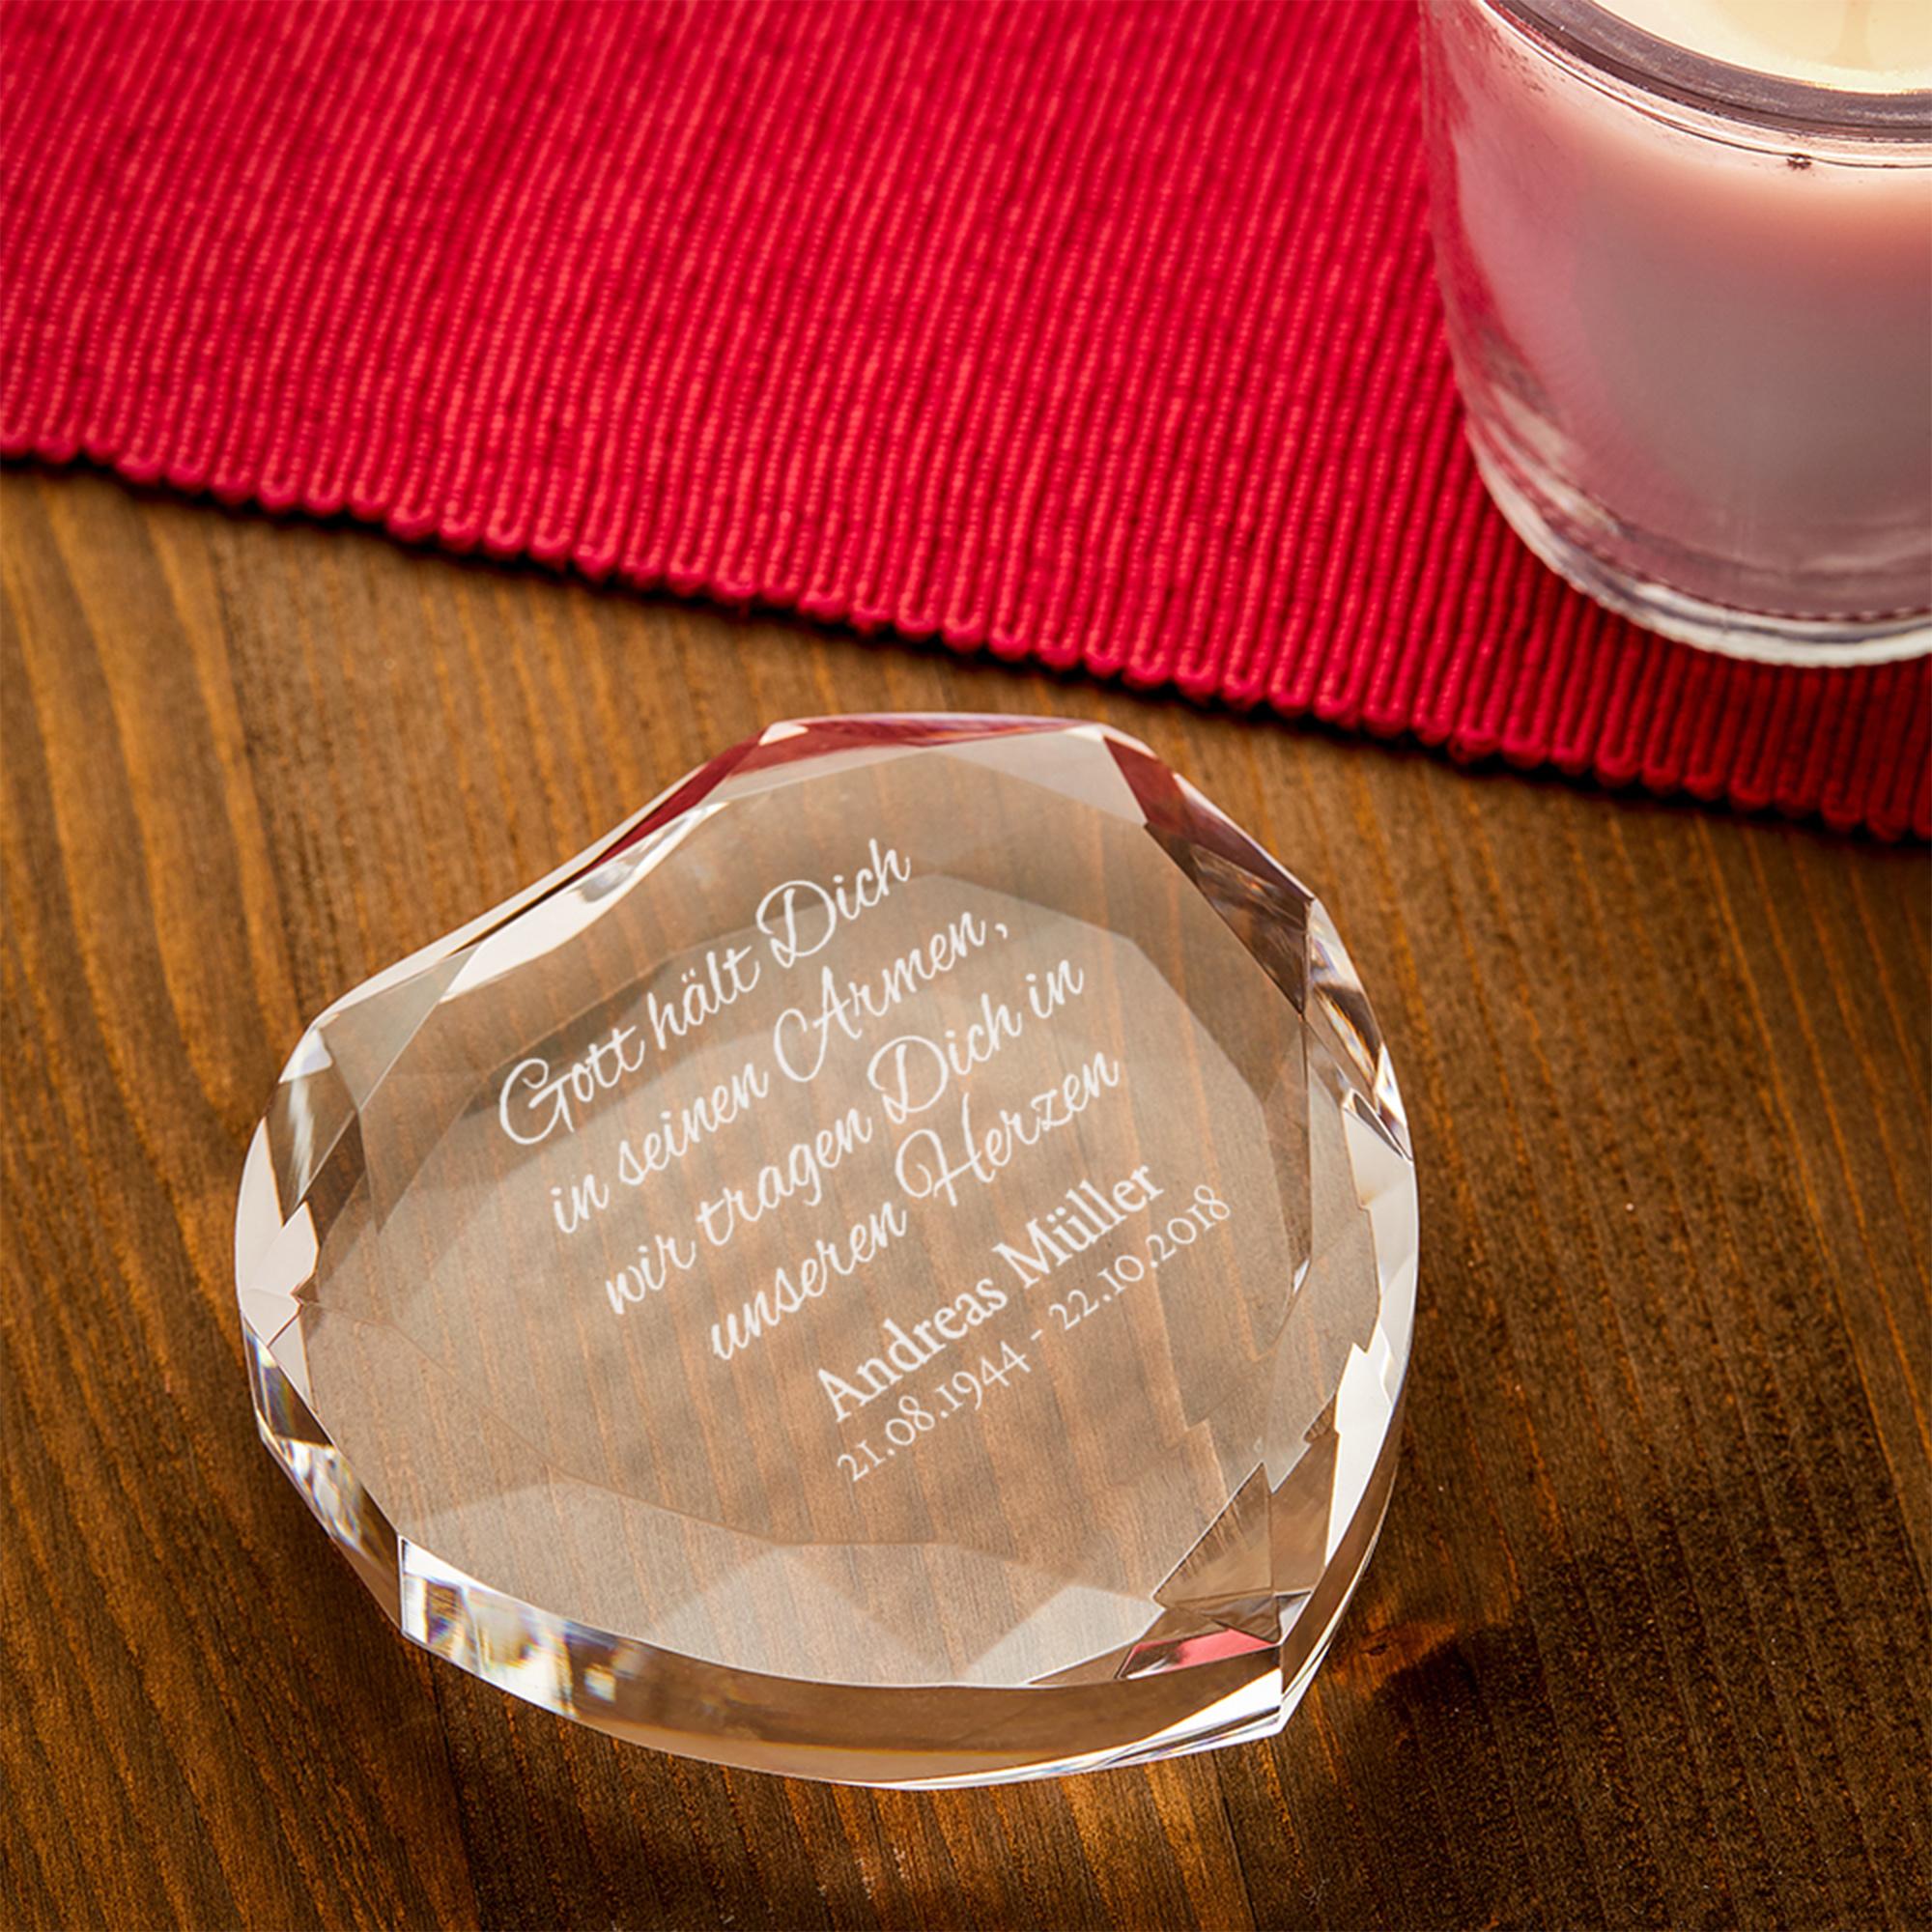 Herzkristall aus Glas mit Gravur - Trauerspruch - Personalisiert